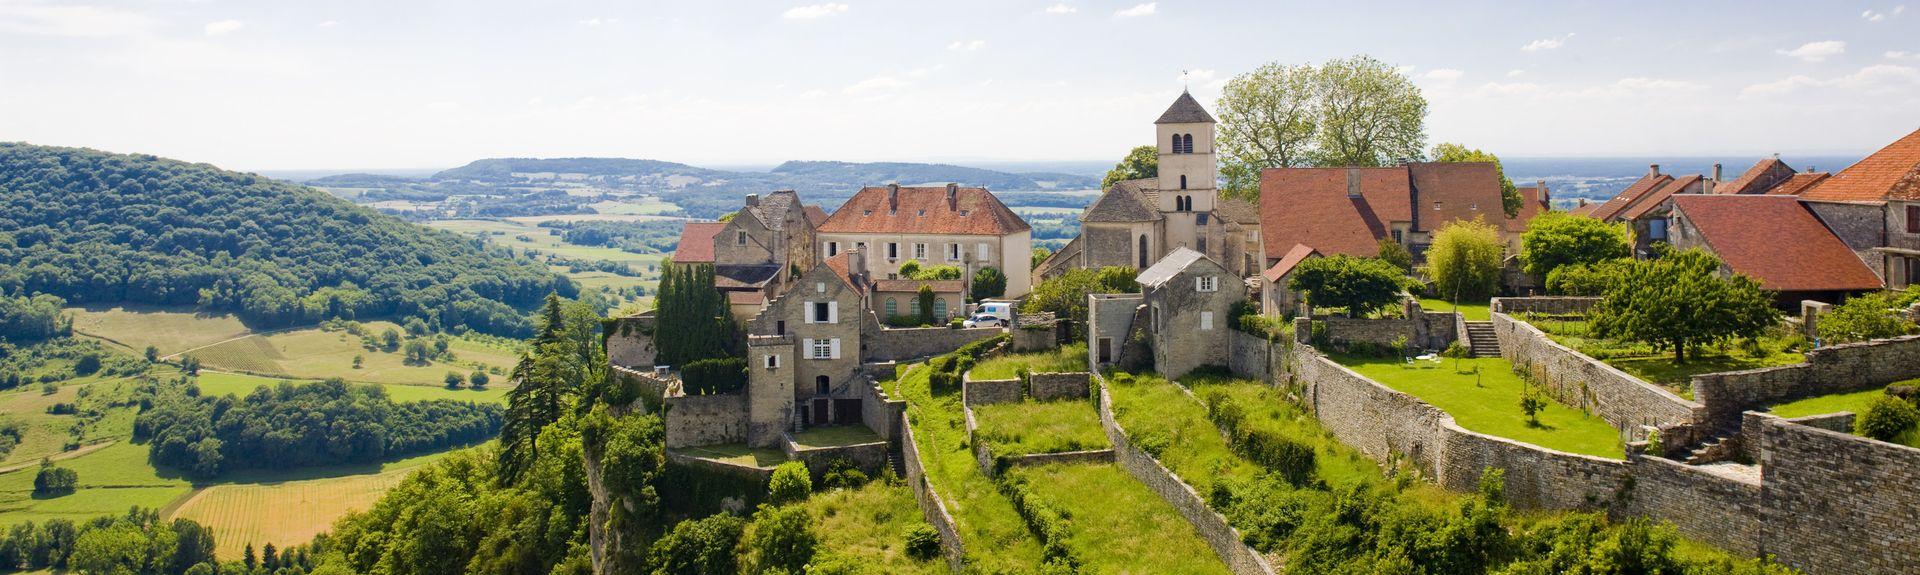 Jura (departement), Frankrijk